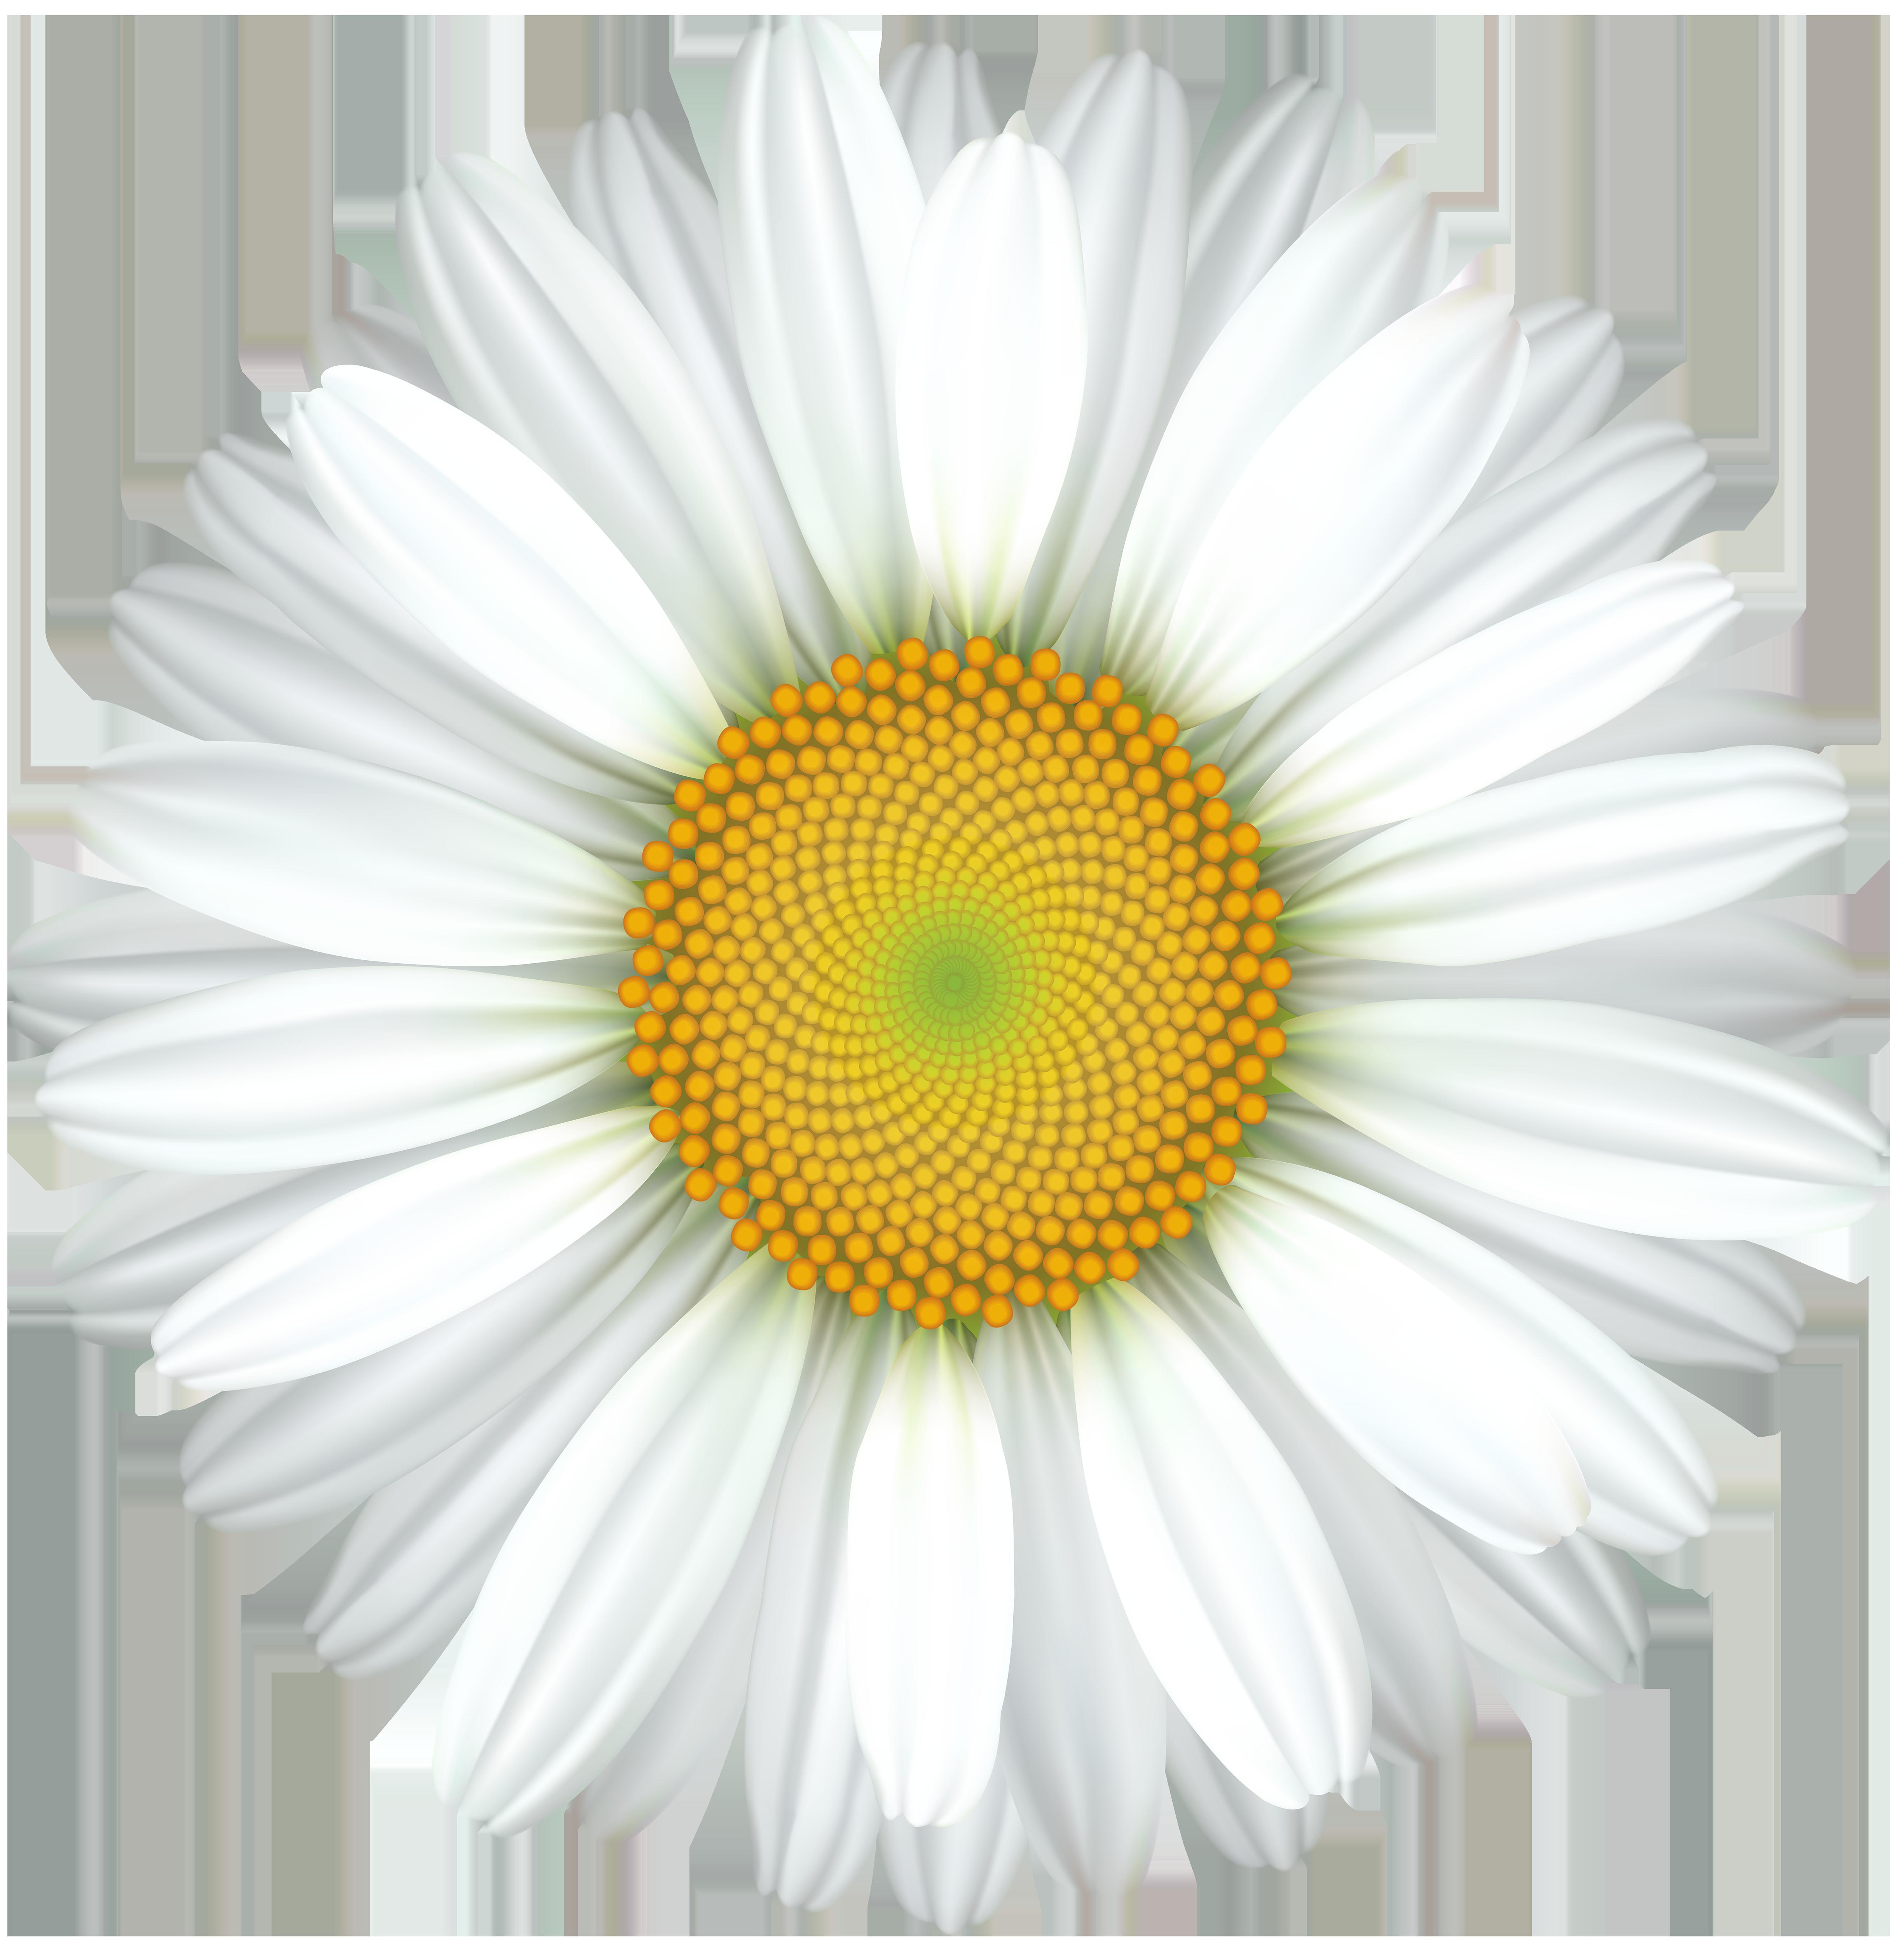 Daisy clipart wheat grass. Flower transparent clip art